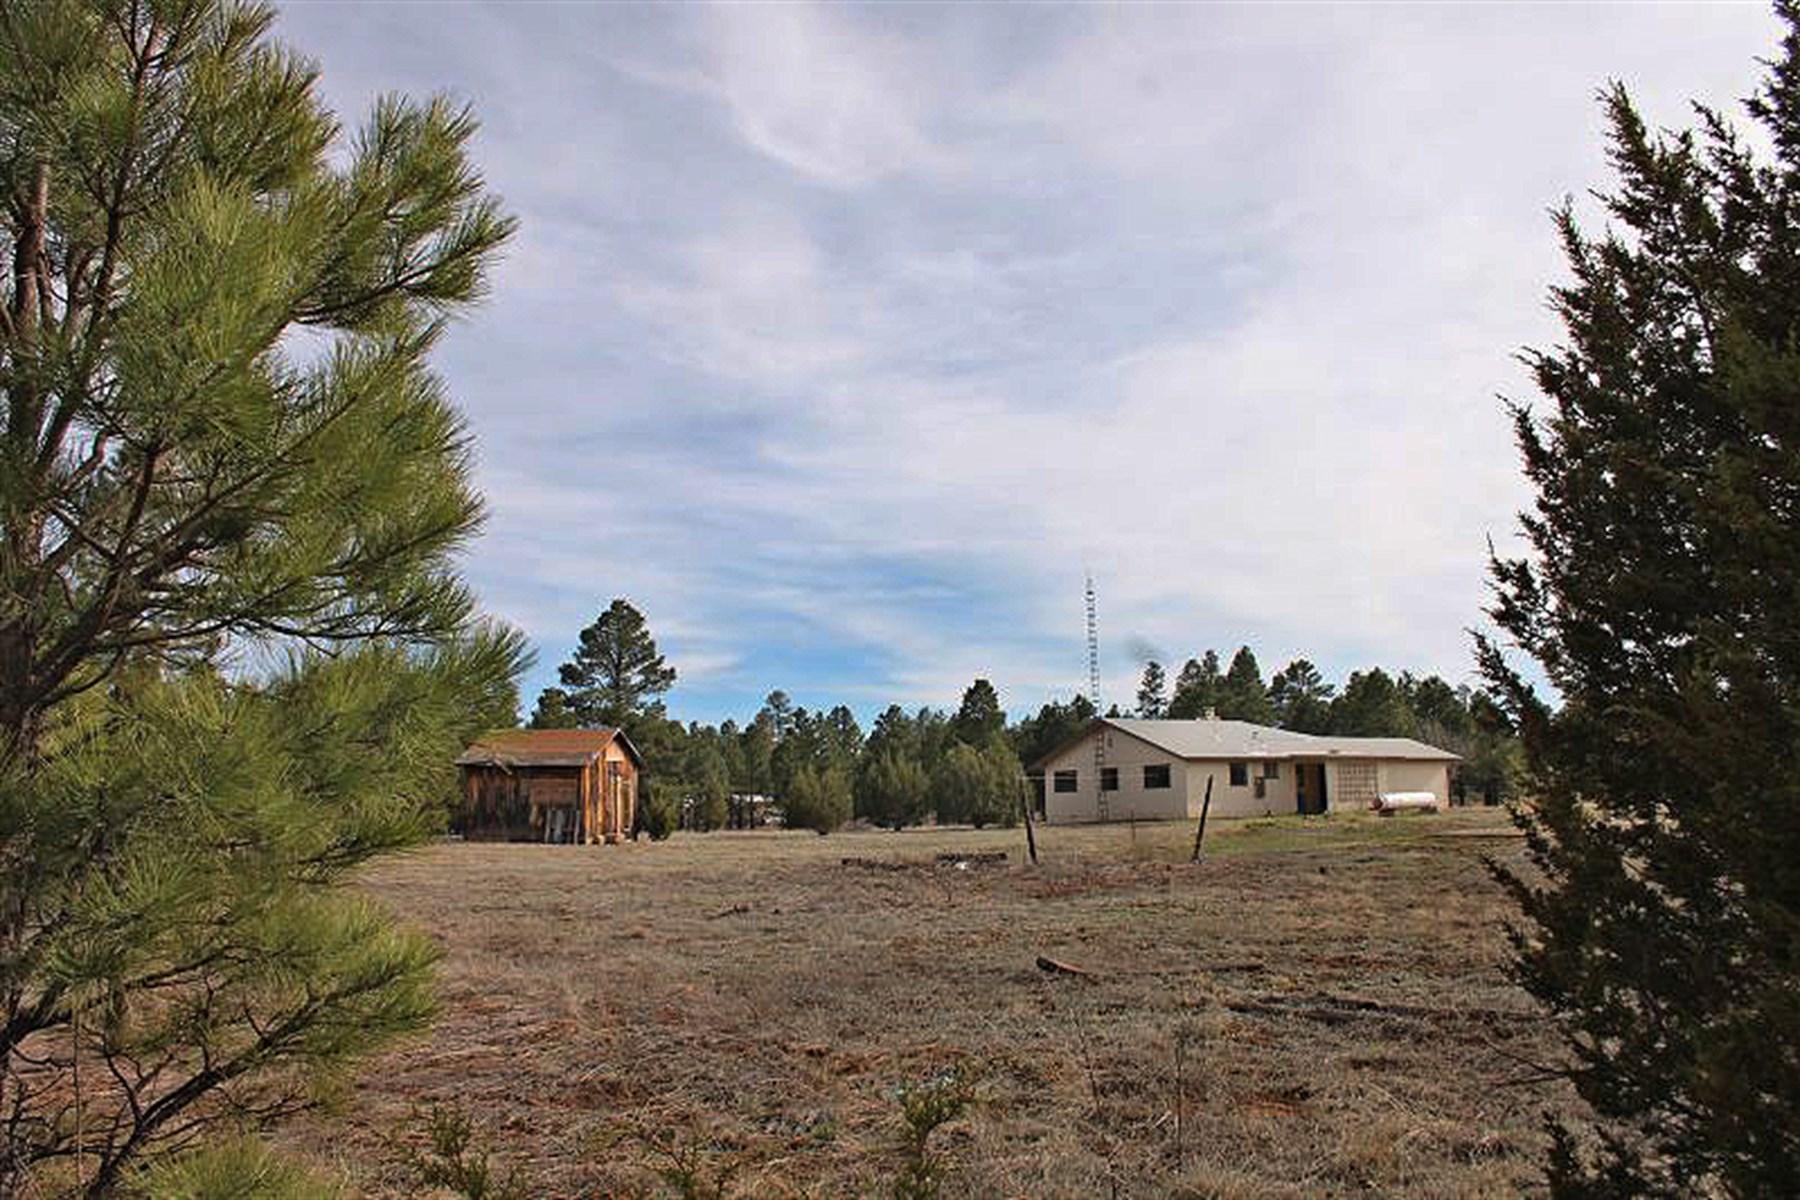 Maison unifamiliale pour l Vente à Perfect Place for Commerical Use 2819 AZ-260 RD Overgaard, Arizona, 85933 États-Unis